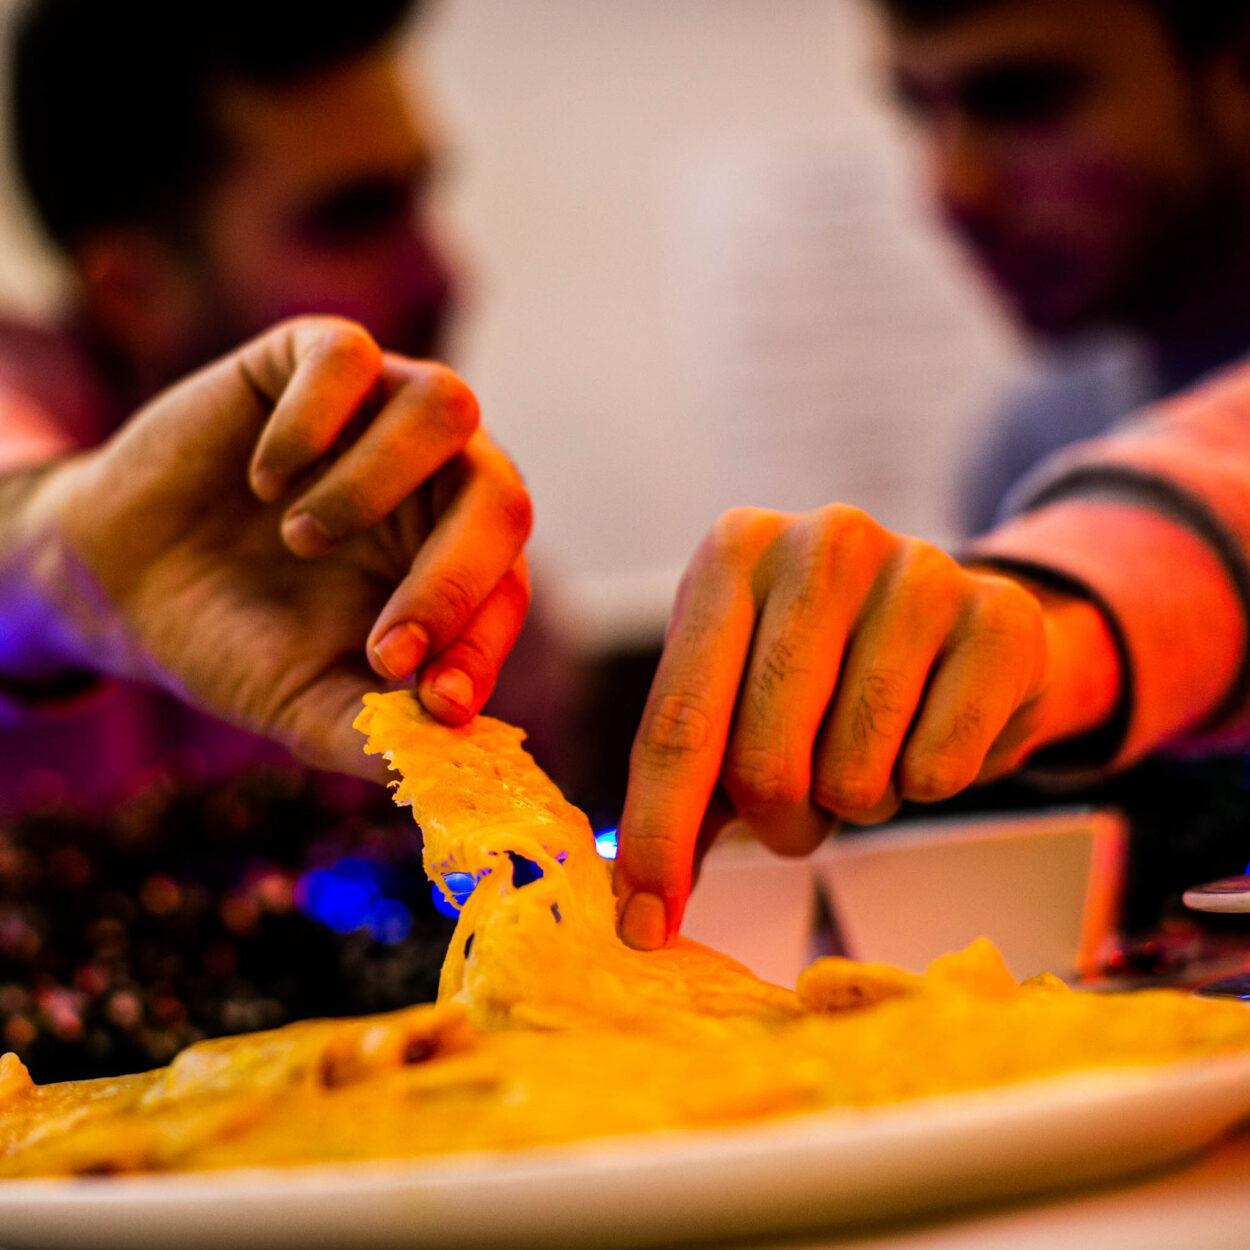 gastronomica-alimentos-nicoletalupuagency (81 of 84)